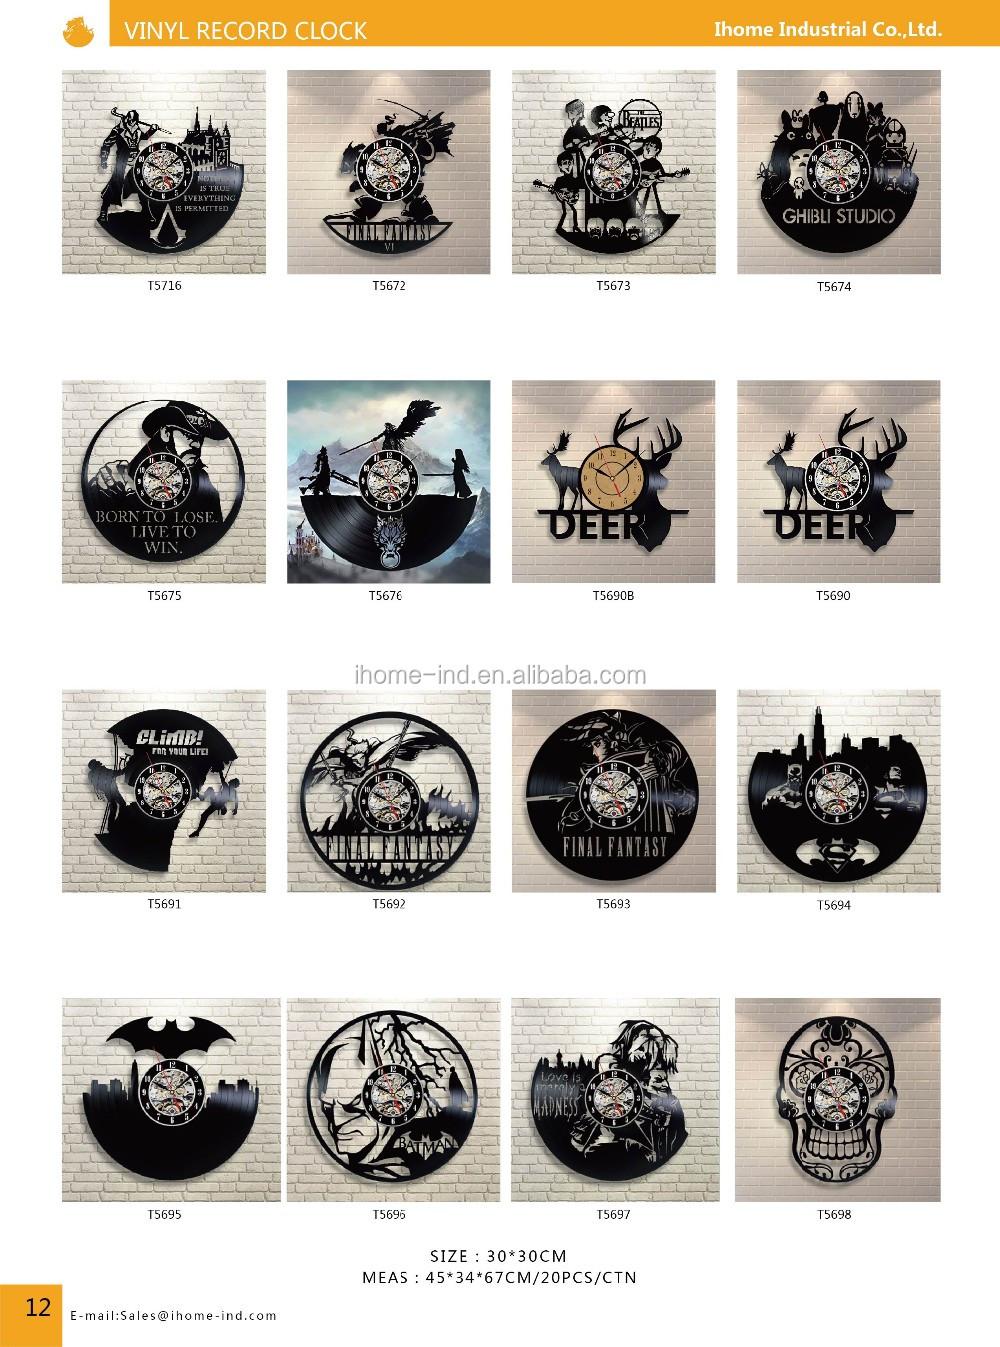 mur mont horloge chien conception disque vinyle horloge corgi horloge murale t5722 horloge. Black Bedroom Furniture Sets. Home Design Ideas